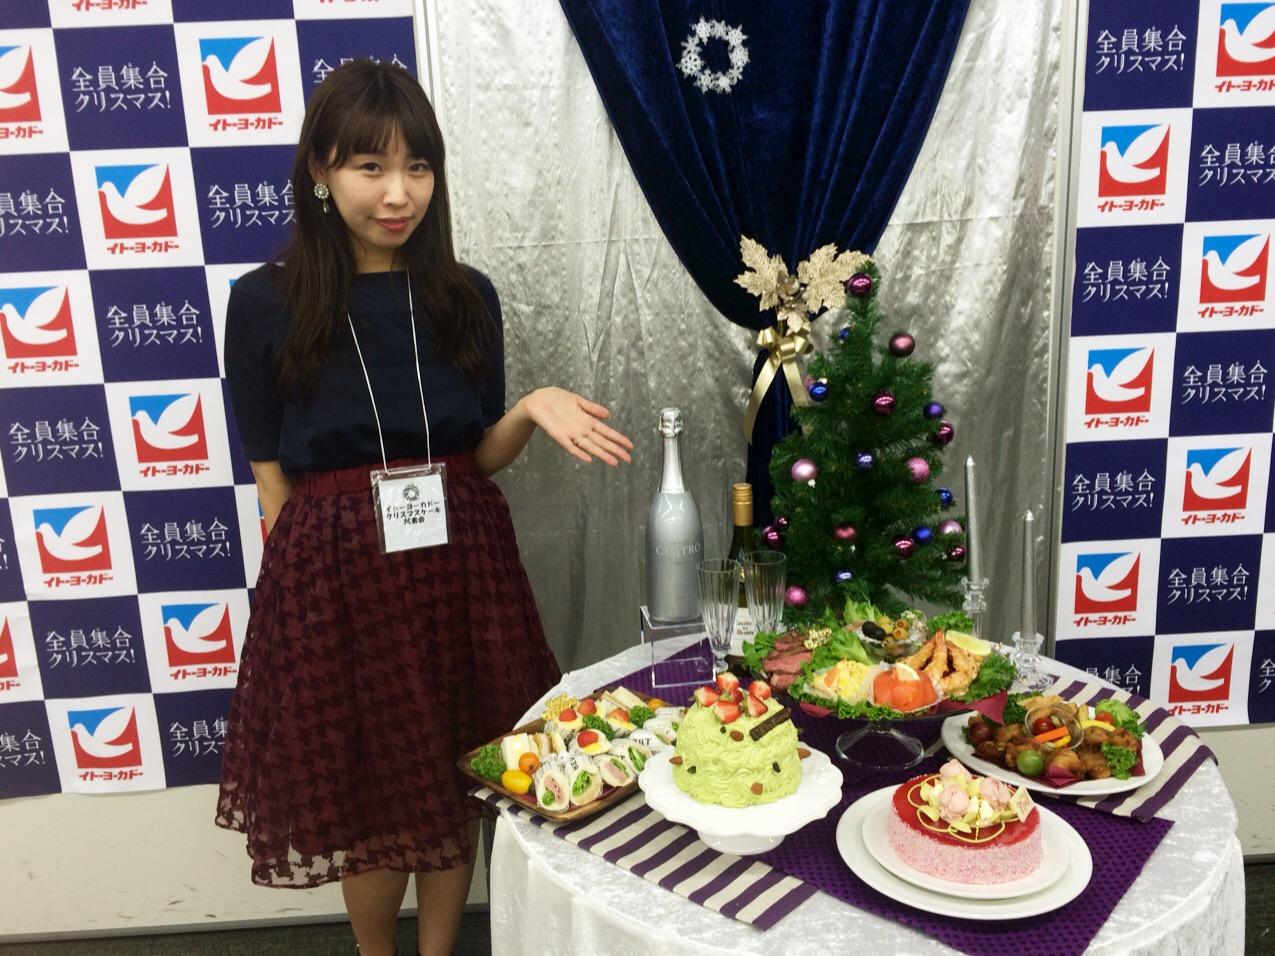 クリスマスケーキ&デリ試食会!